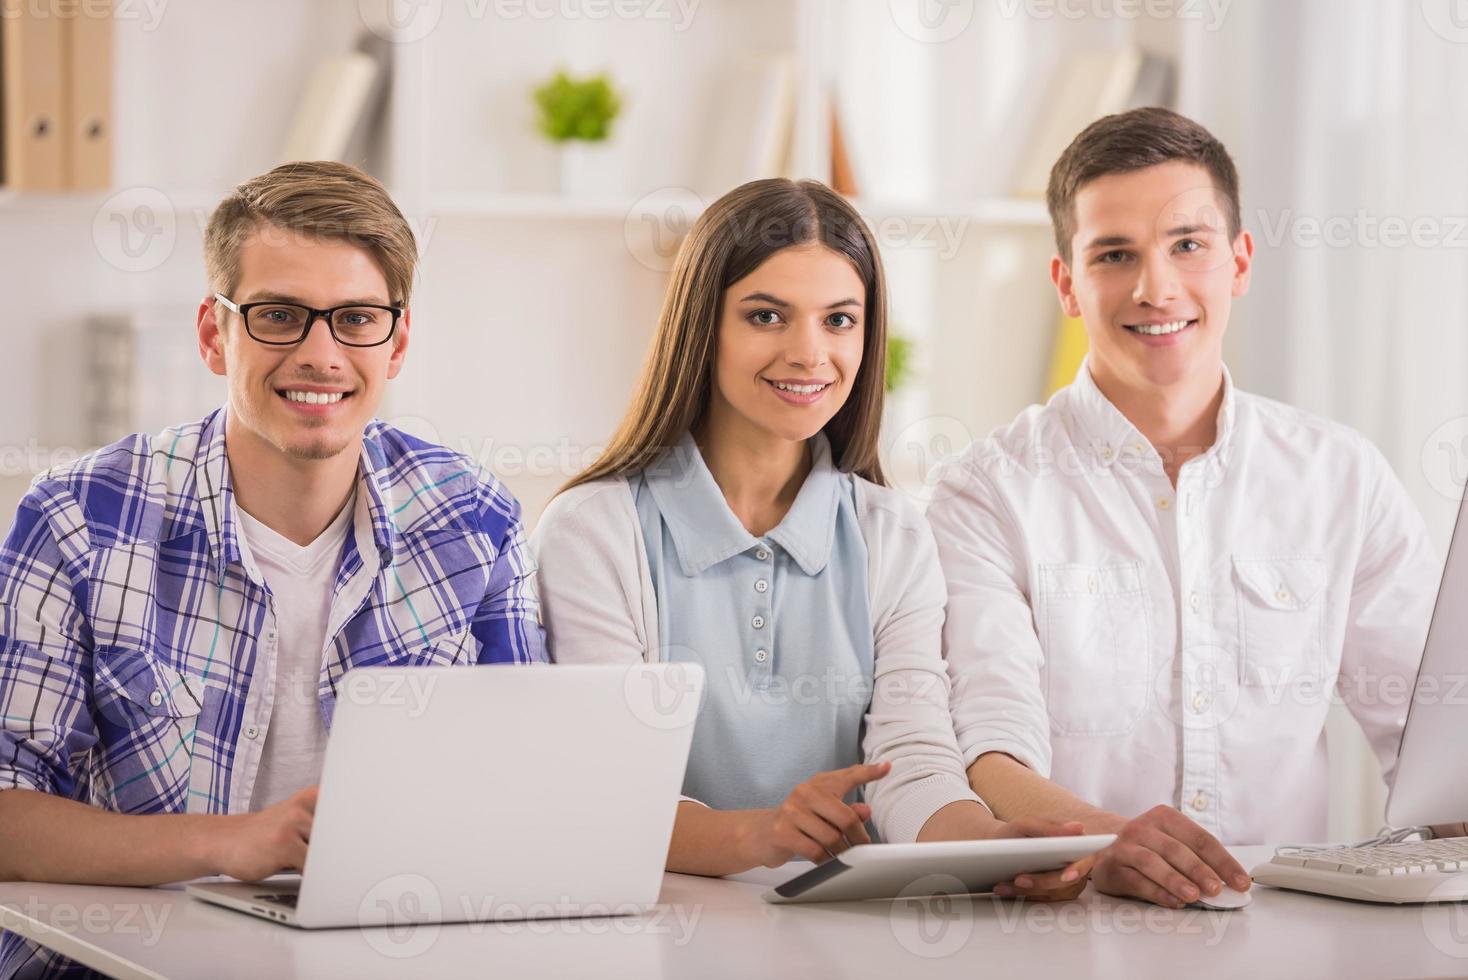 Programmer team photo